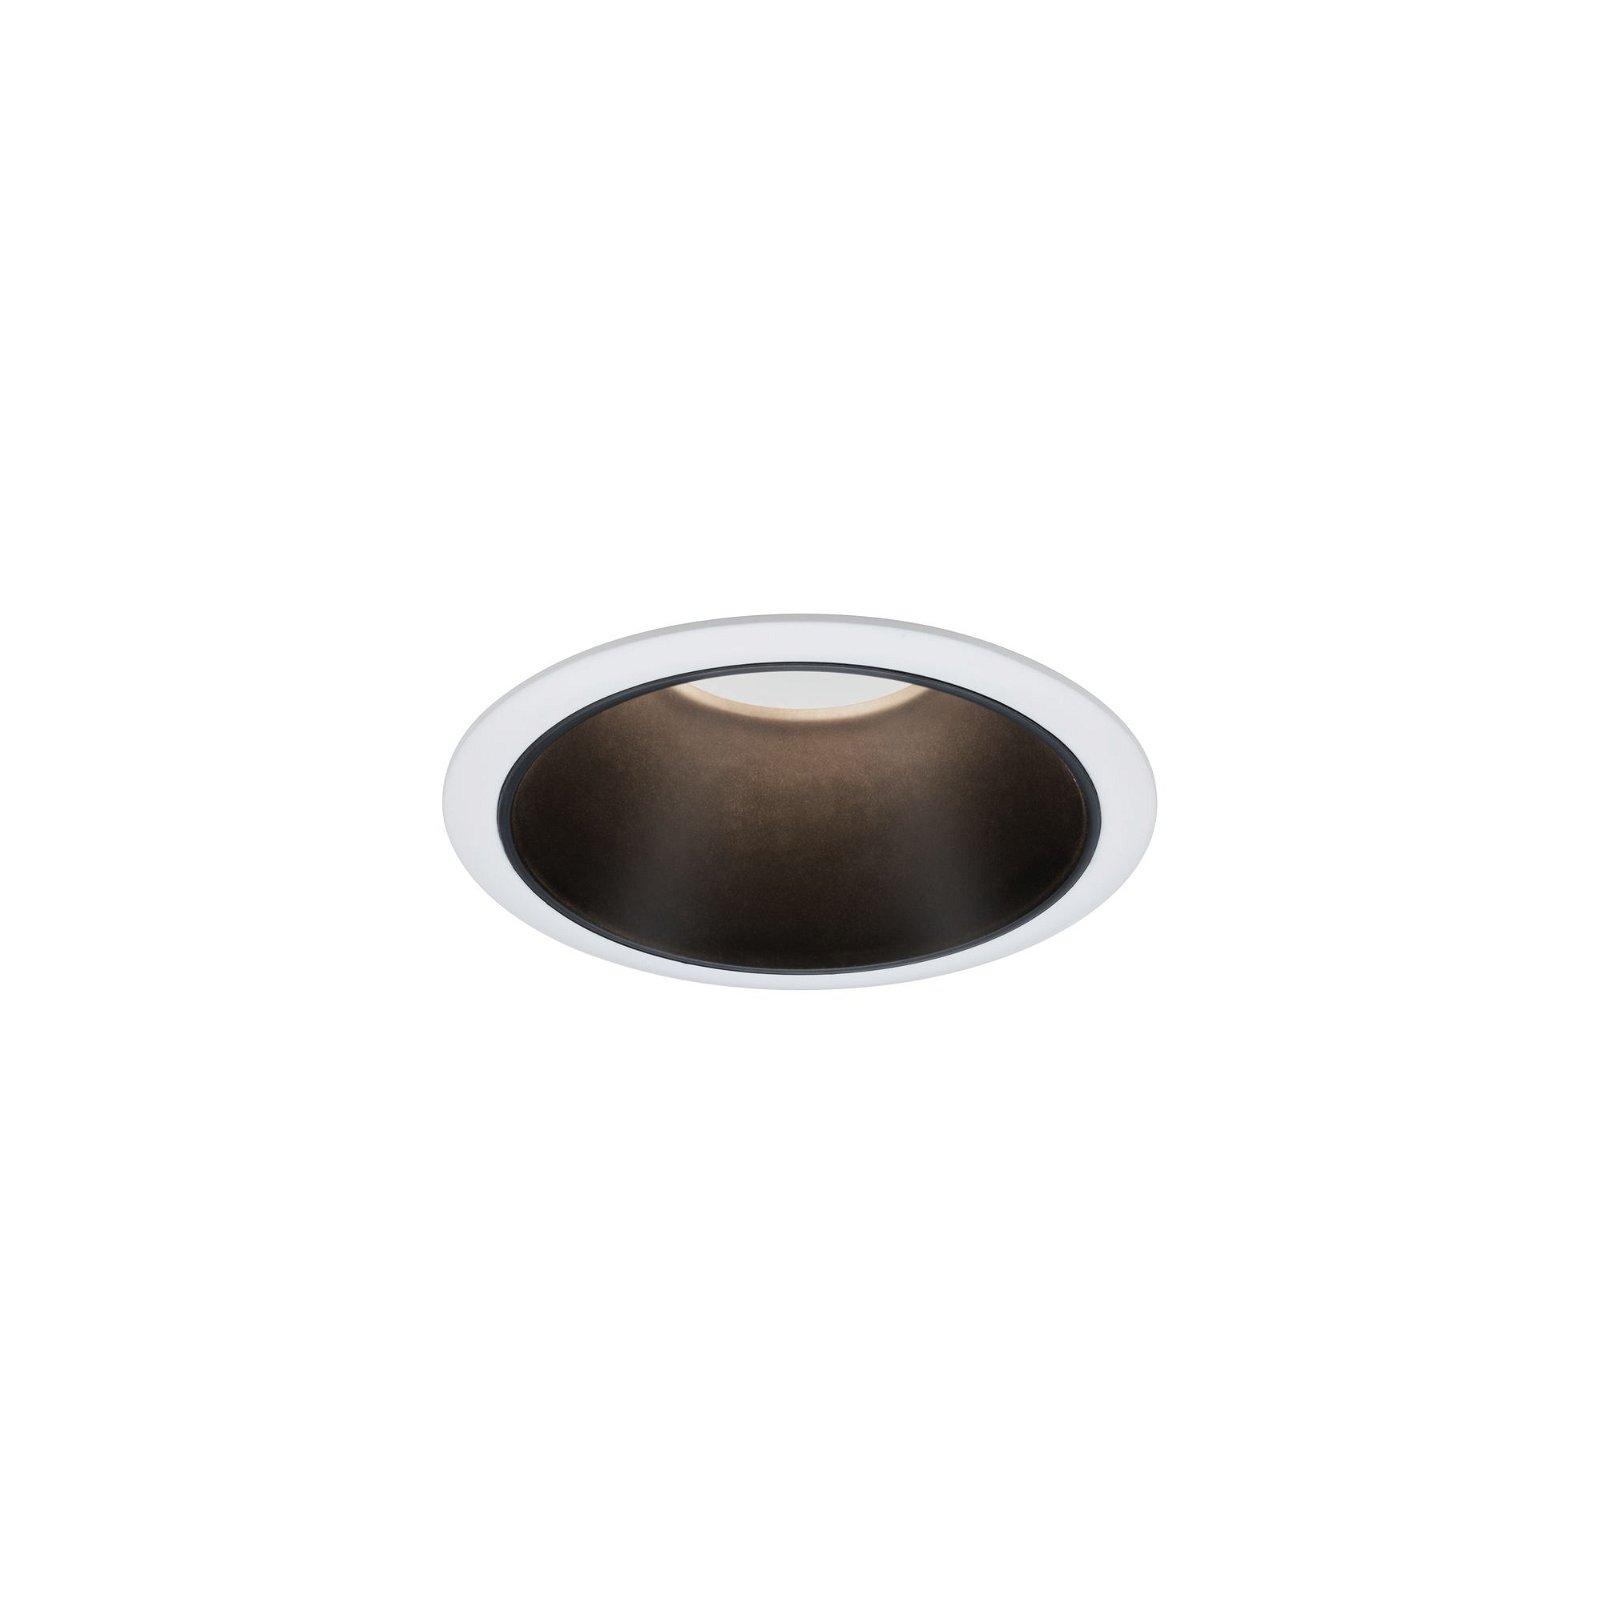 Spot encastré LED 3-Step-Dim Cole Coin Kit de base IP44 rond 88mm Coin 3x6,5W 3x460lm 230V 2700K Blanc/Noir mat